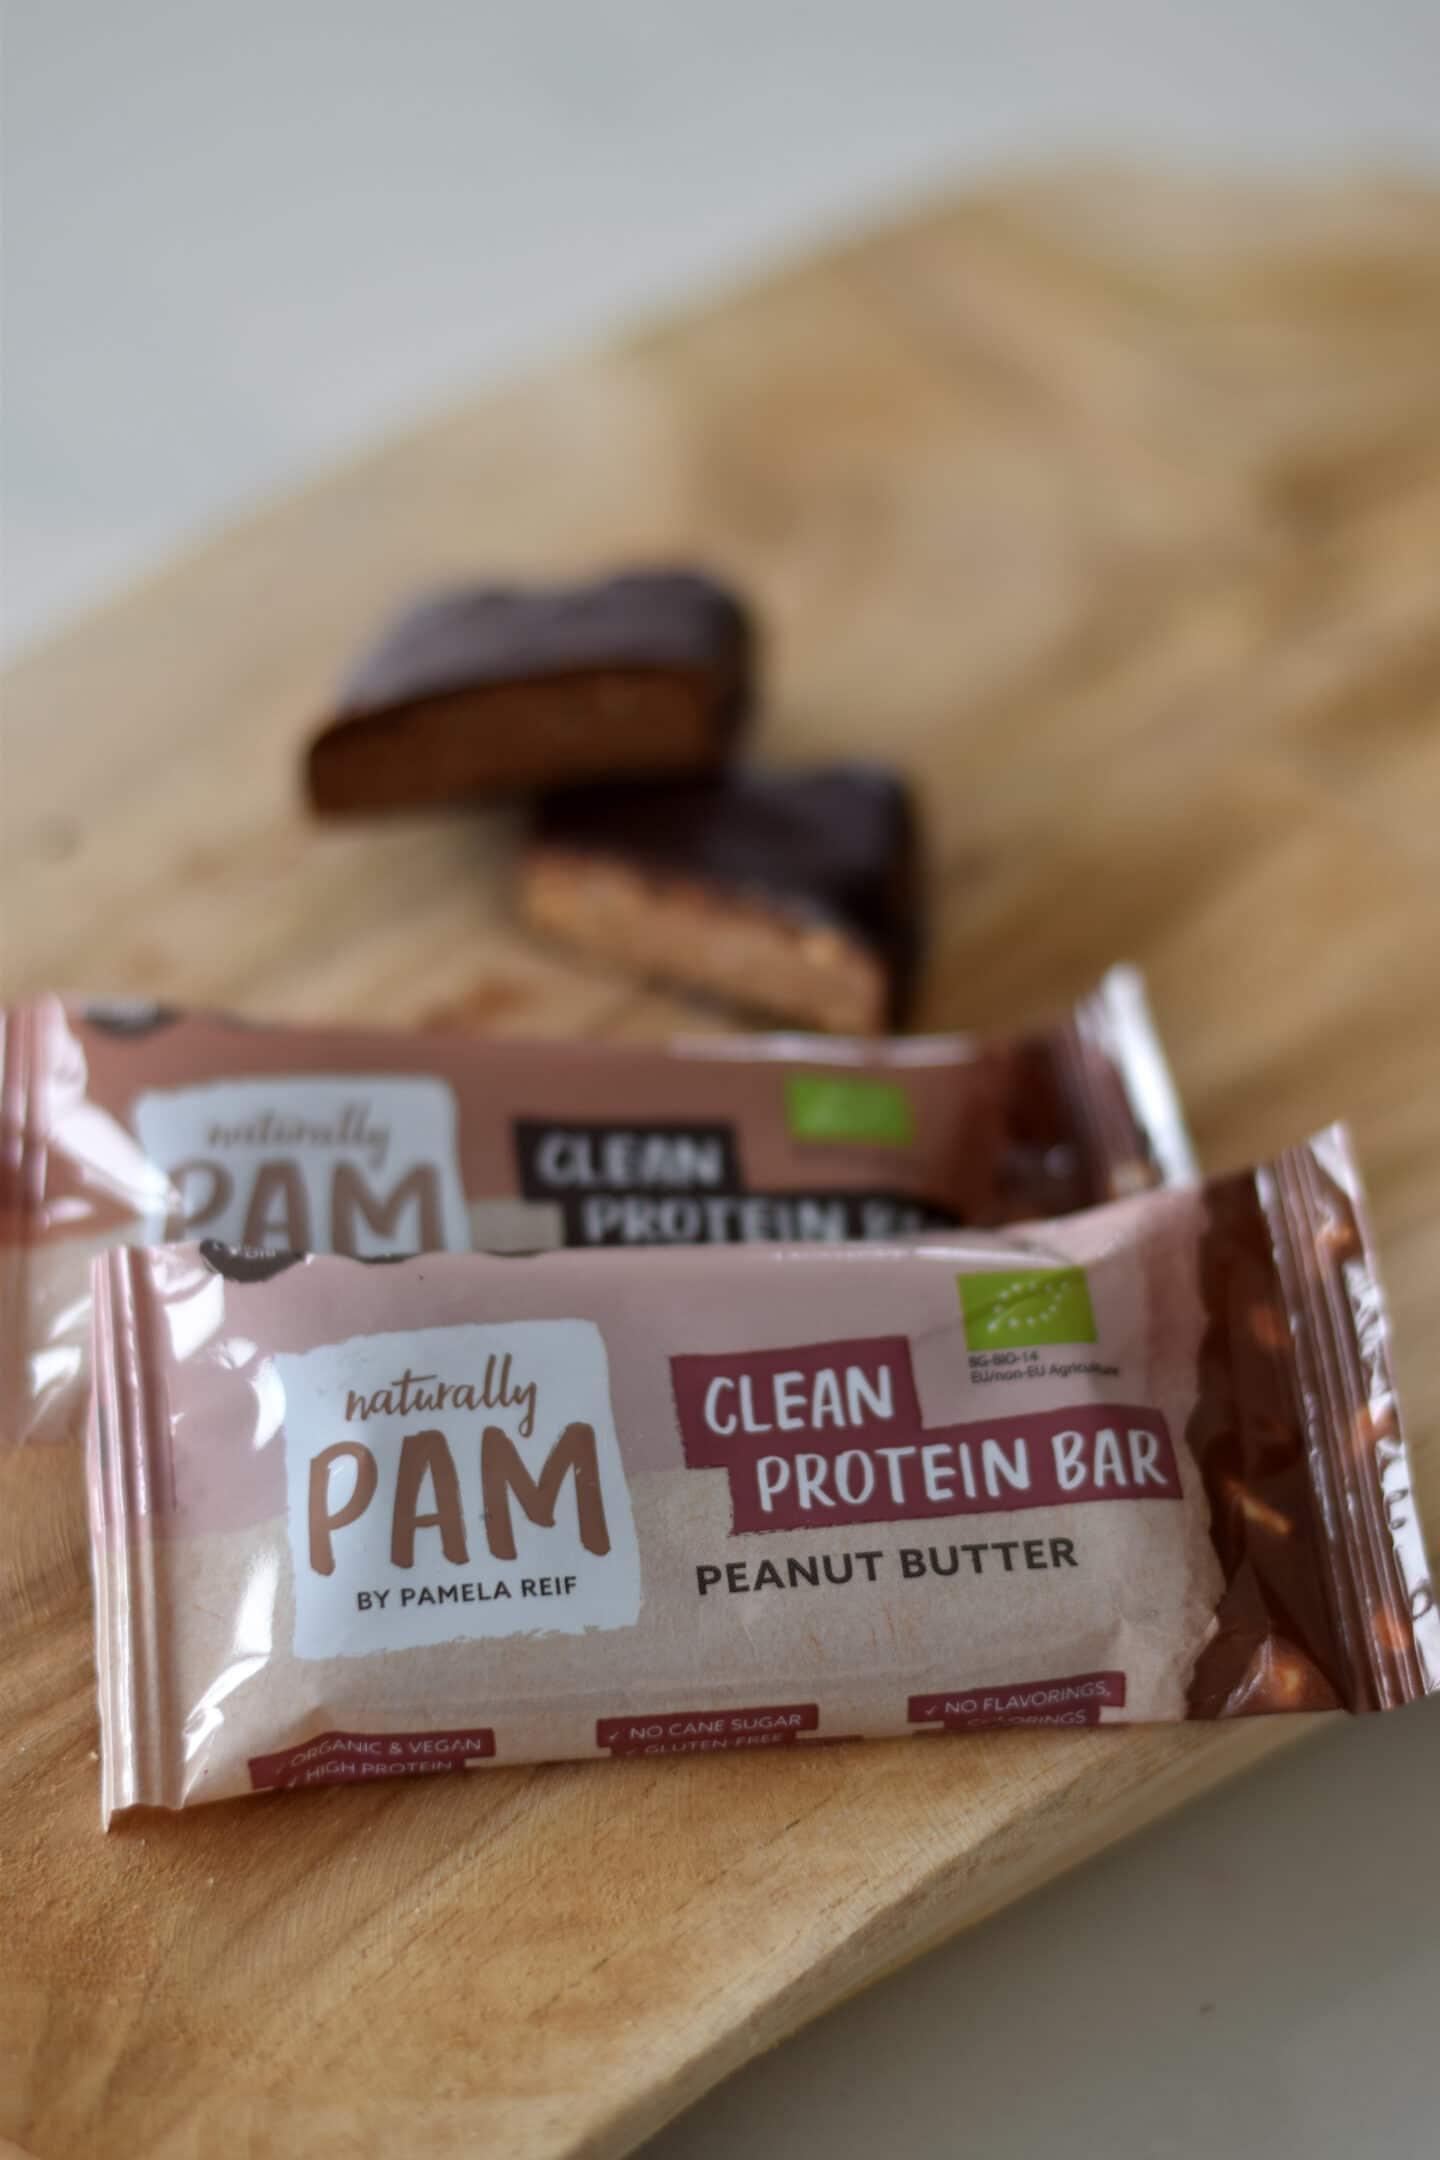 Clean Protein Bar - die veganen Proteinriegel von Naturally Pam